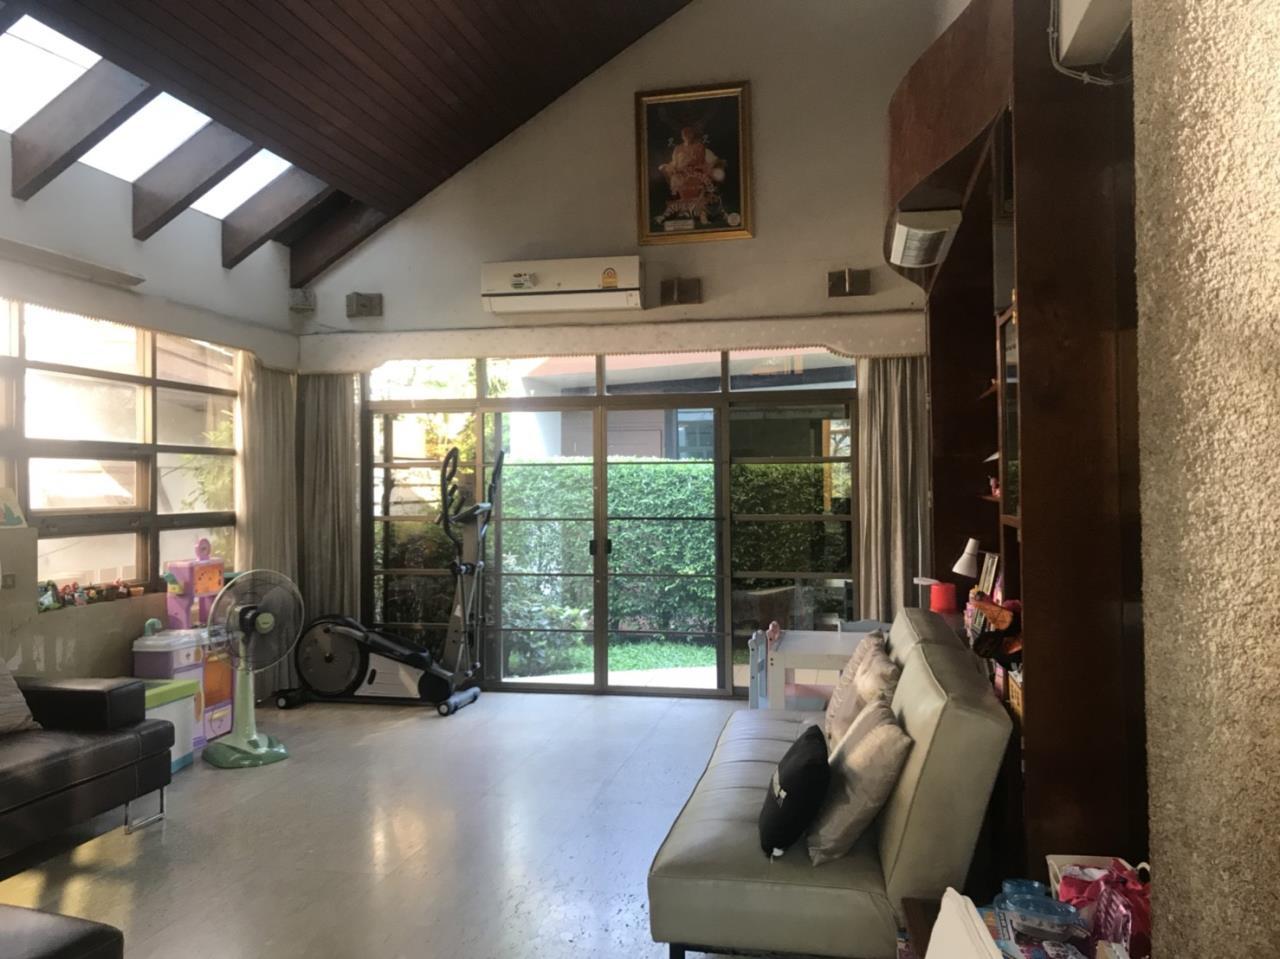 ขาย บ้าน แขวงวงศ์สว่าง เขตบางซื่อ กรุงเทพมหานคร, ภาพที่ 5